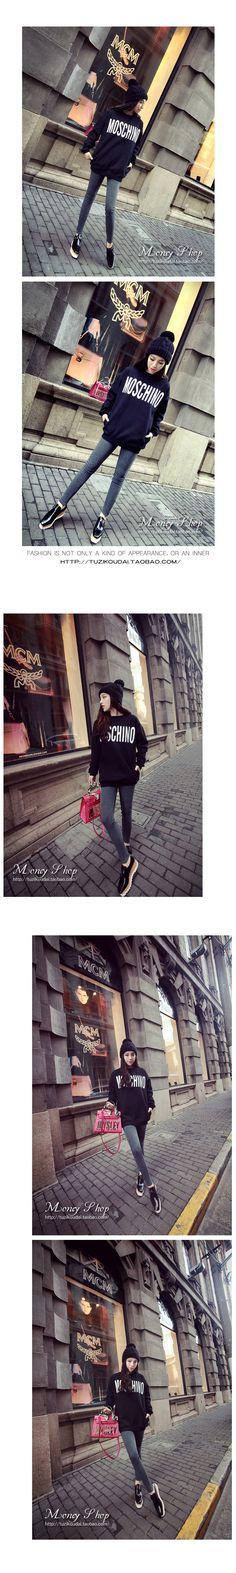 Veľkoobchod Product Snapshot Názov výrobku je Nový prírastok 2015 zimné zahusťovanie kartáčovaný tepelne vrecko stredne dlhé Harajuku sveter ženy mikina Dámske oblečenie